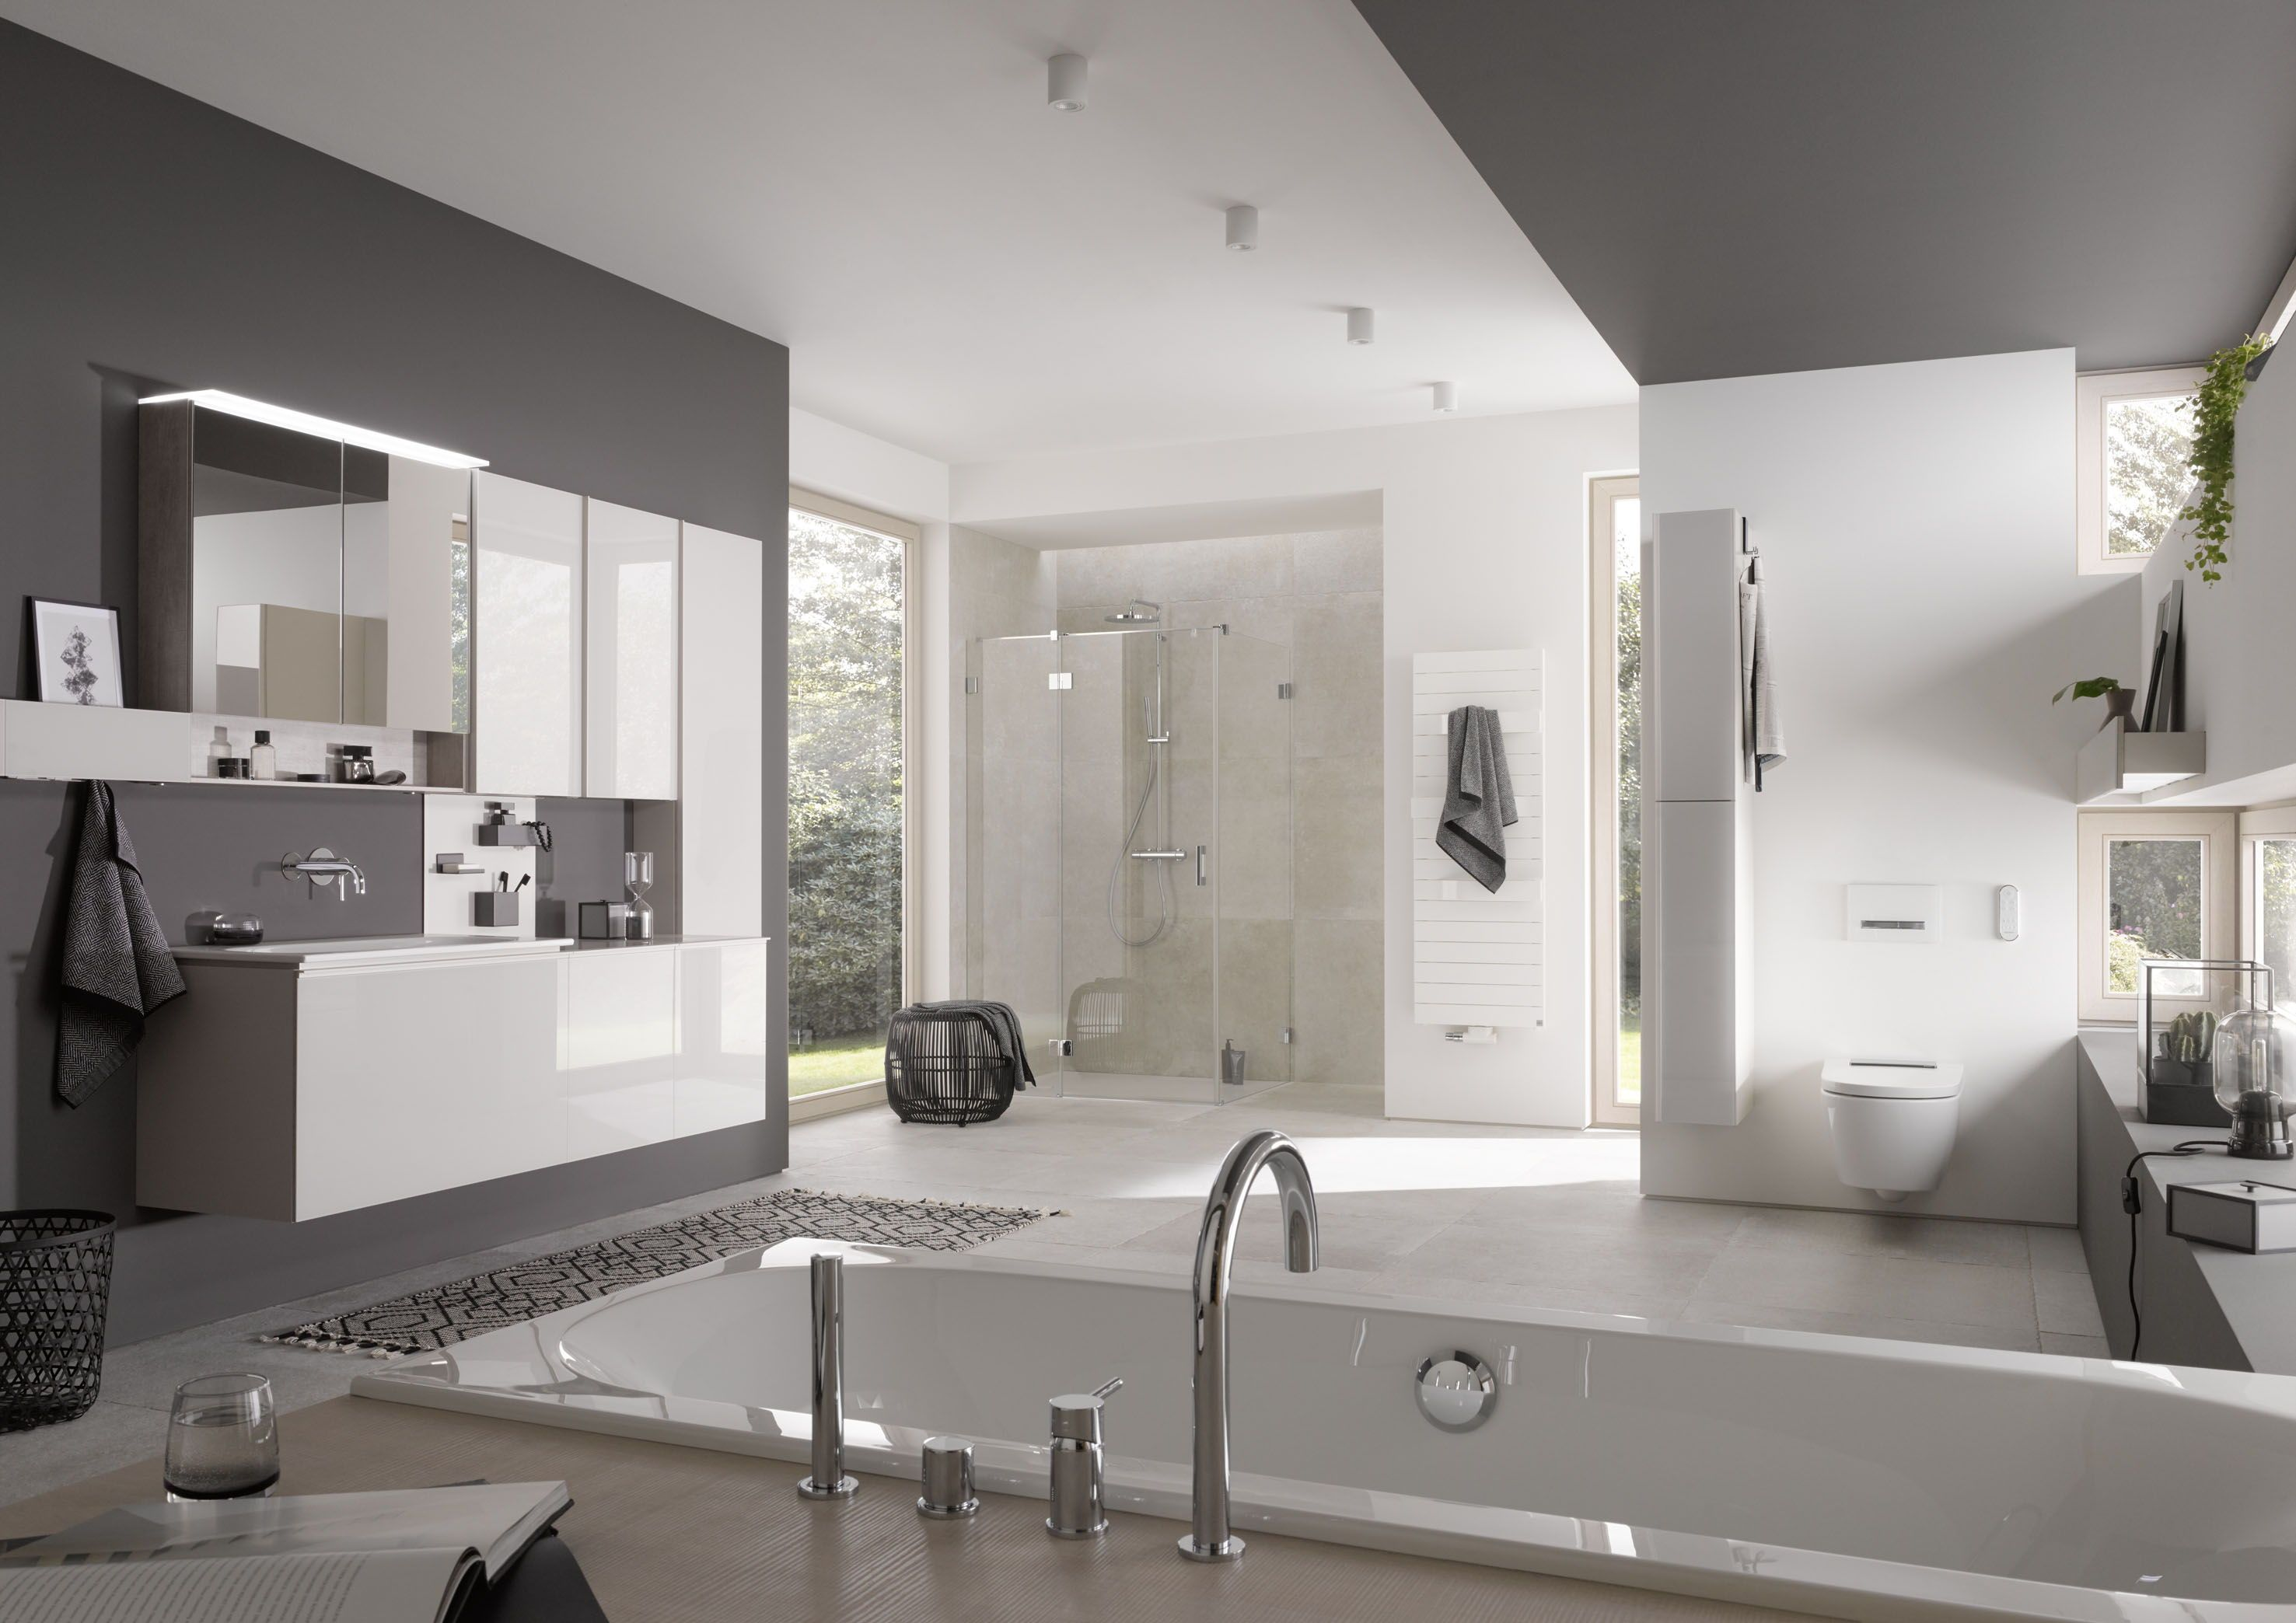 So Viel Kostet Dein Traumbad Traumbad Neues Badezimmer Neues Bad Kosten